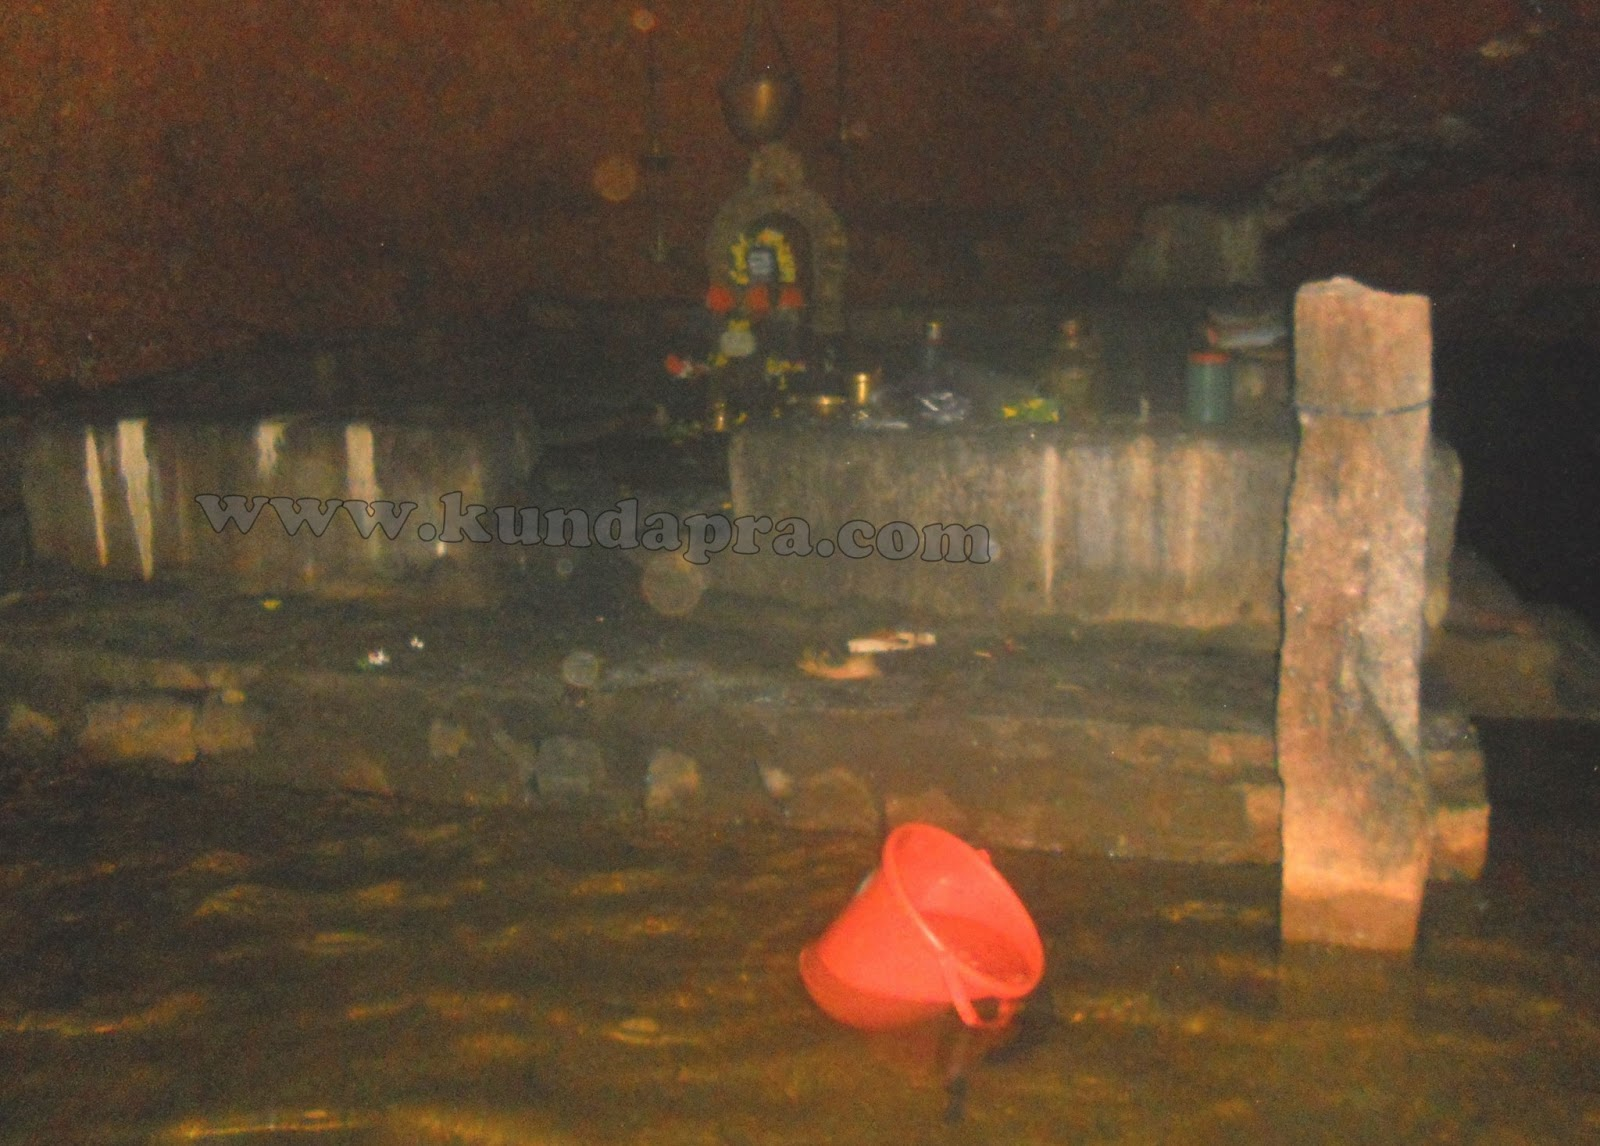 ಮೂಡುಗಲ್ಲು: ವಿಸ್ಮಯಕಾರಿ ಗುಹಾಂತರ ಕೇಶವನಾಥ ದೇವಾಲಯ